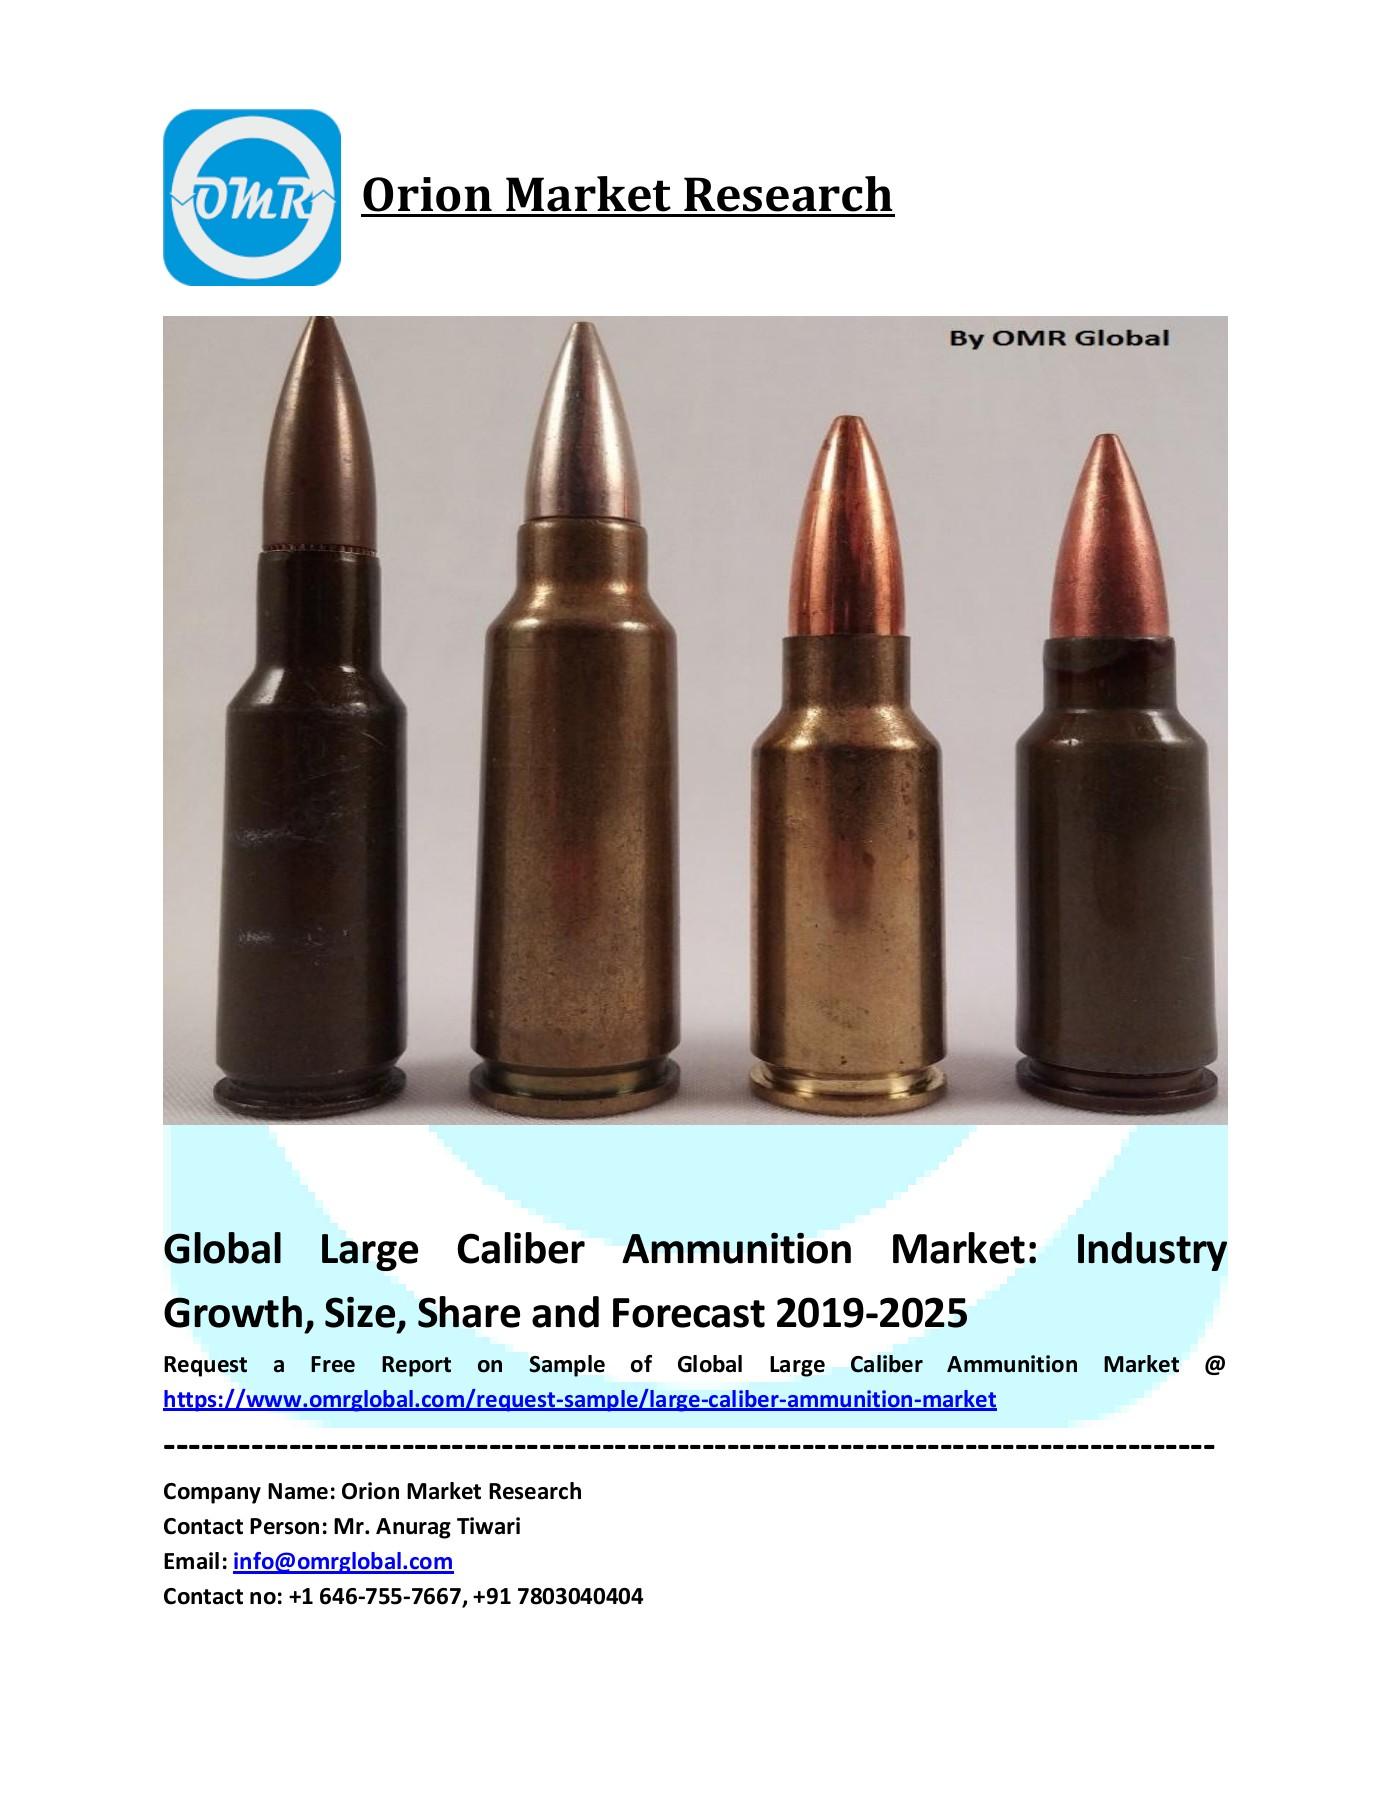 Caliber Size : caliber, Global, Large, Caliber, Ammunition, Market, Size,, Share, Forecast, 2019-2025